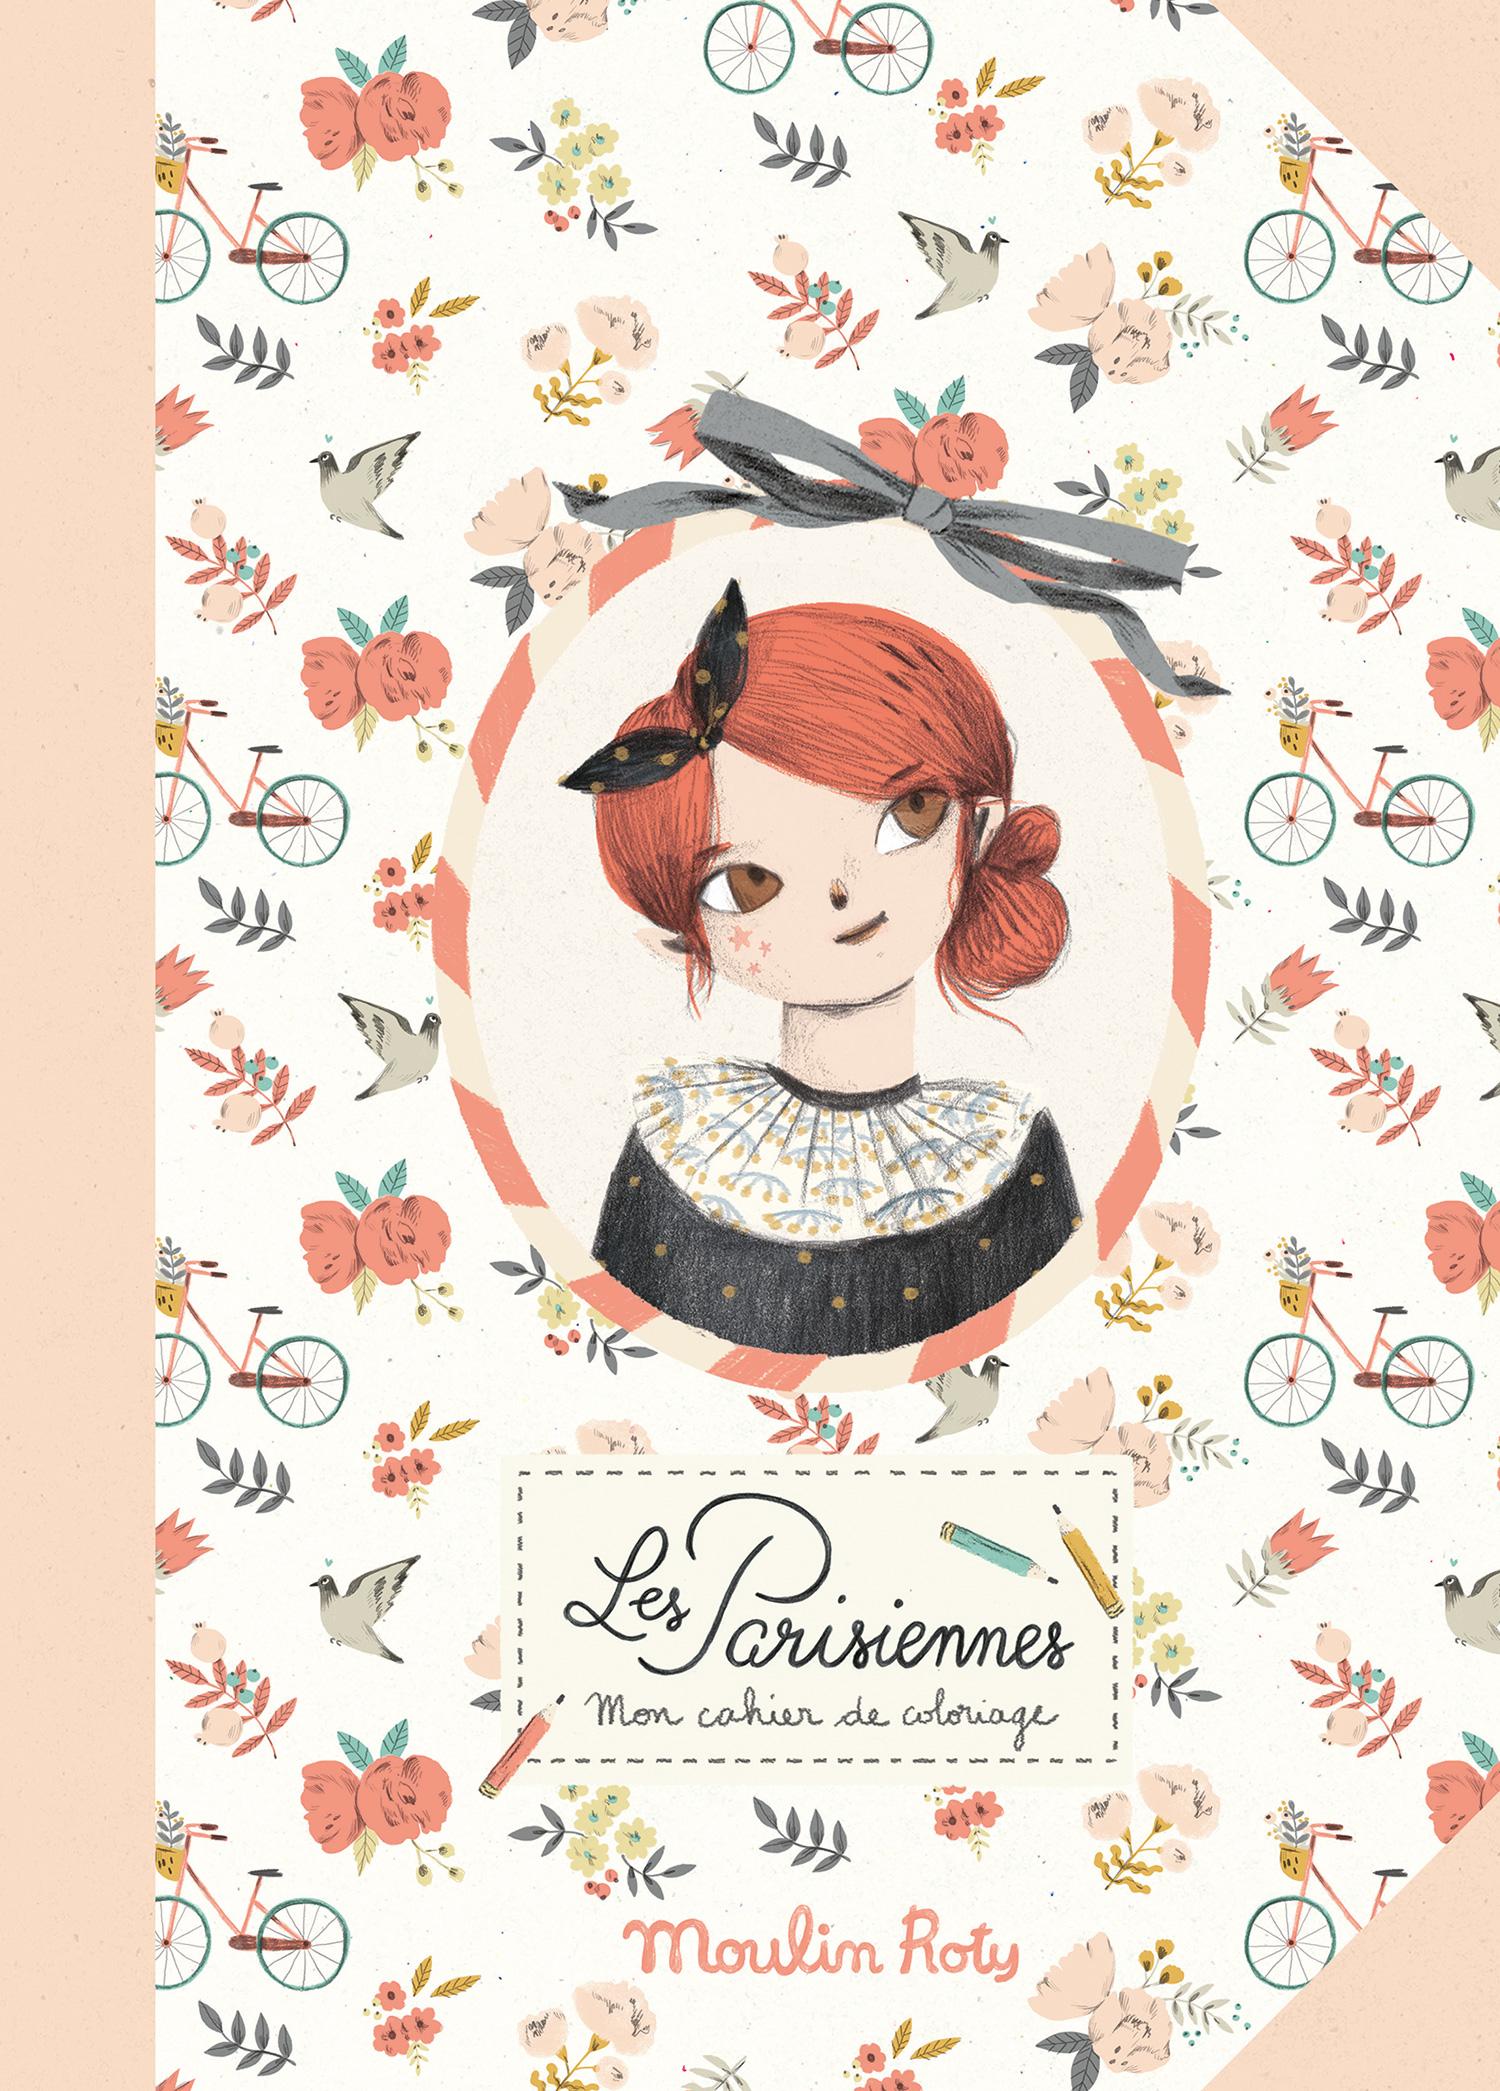 moulin roty 642536 Τετράδιο χρωματισμού Παριζιέν 36 σελ.